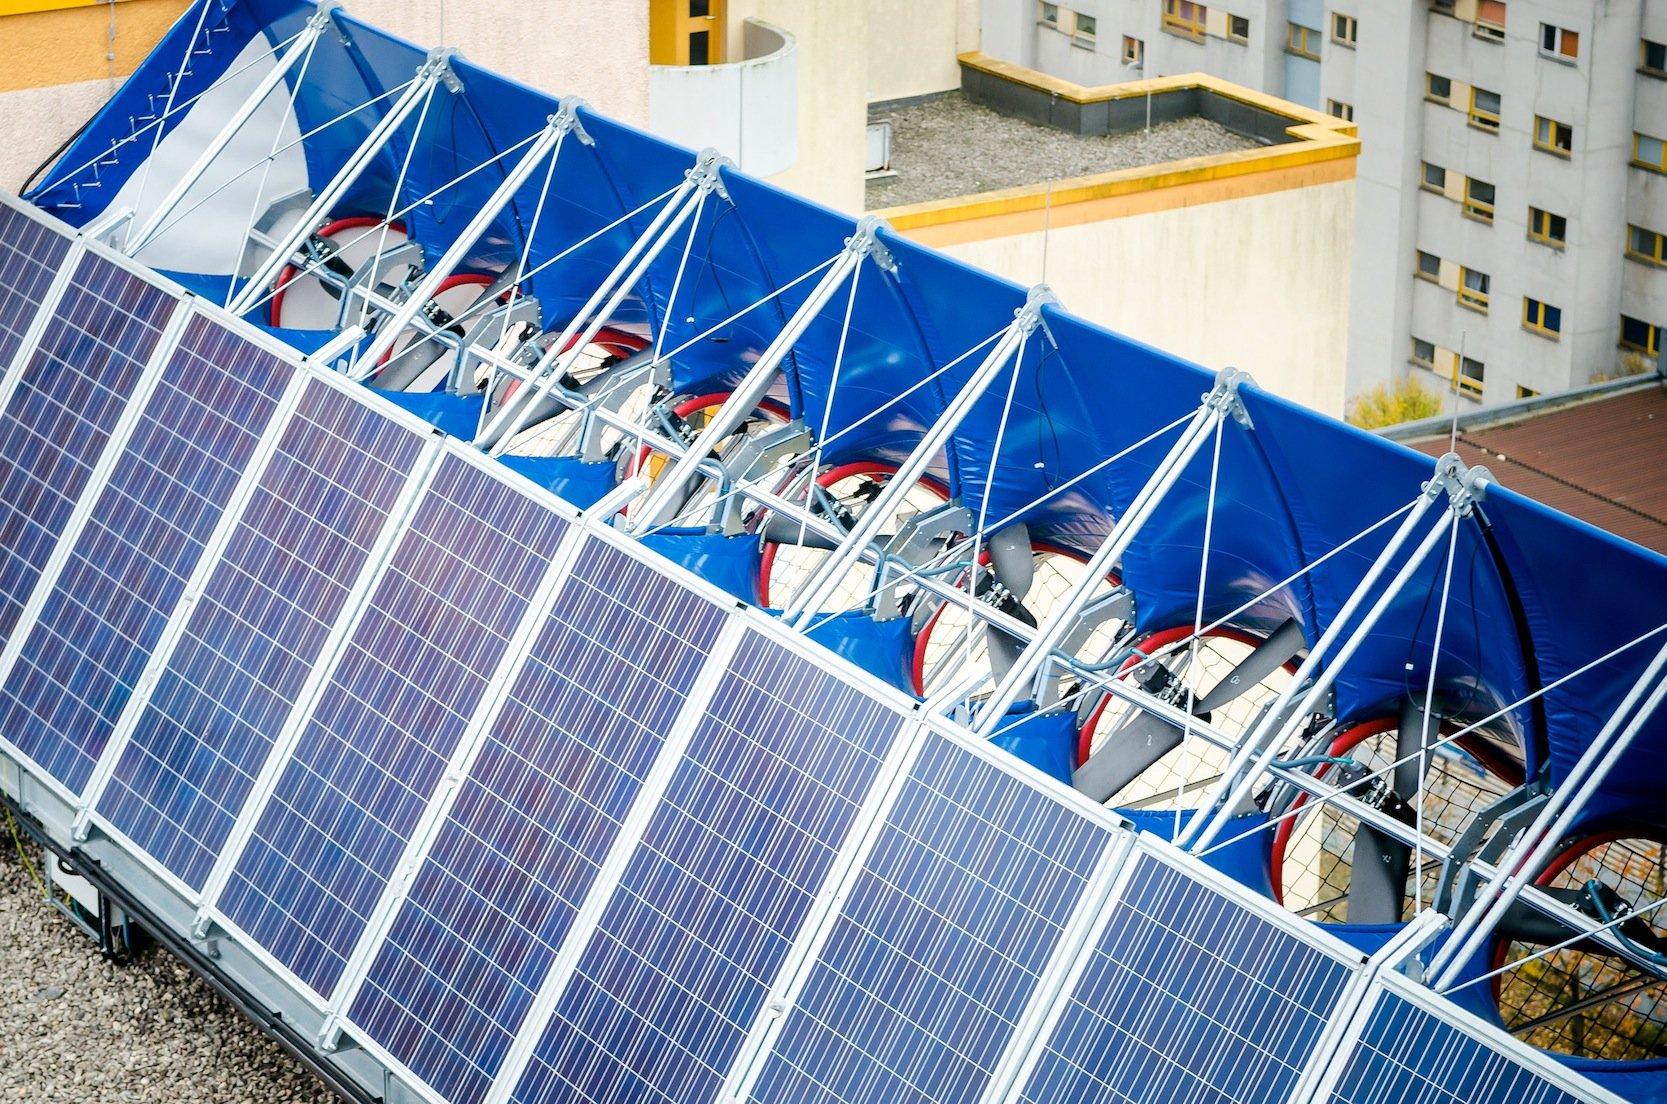 Die Propeller haben eine Nennleistung von jeweils 1 kW. Gleichzeitig erhöhen Solarmodule die Stromproduktion.